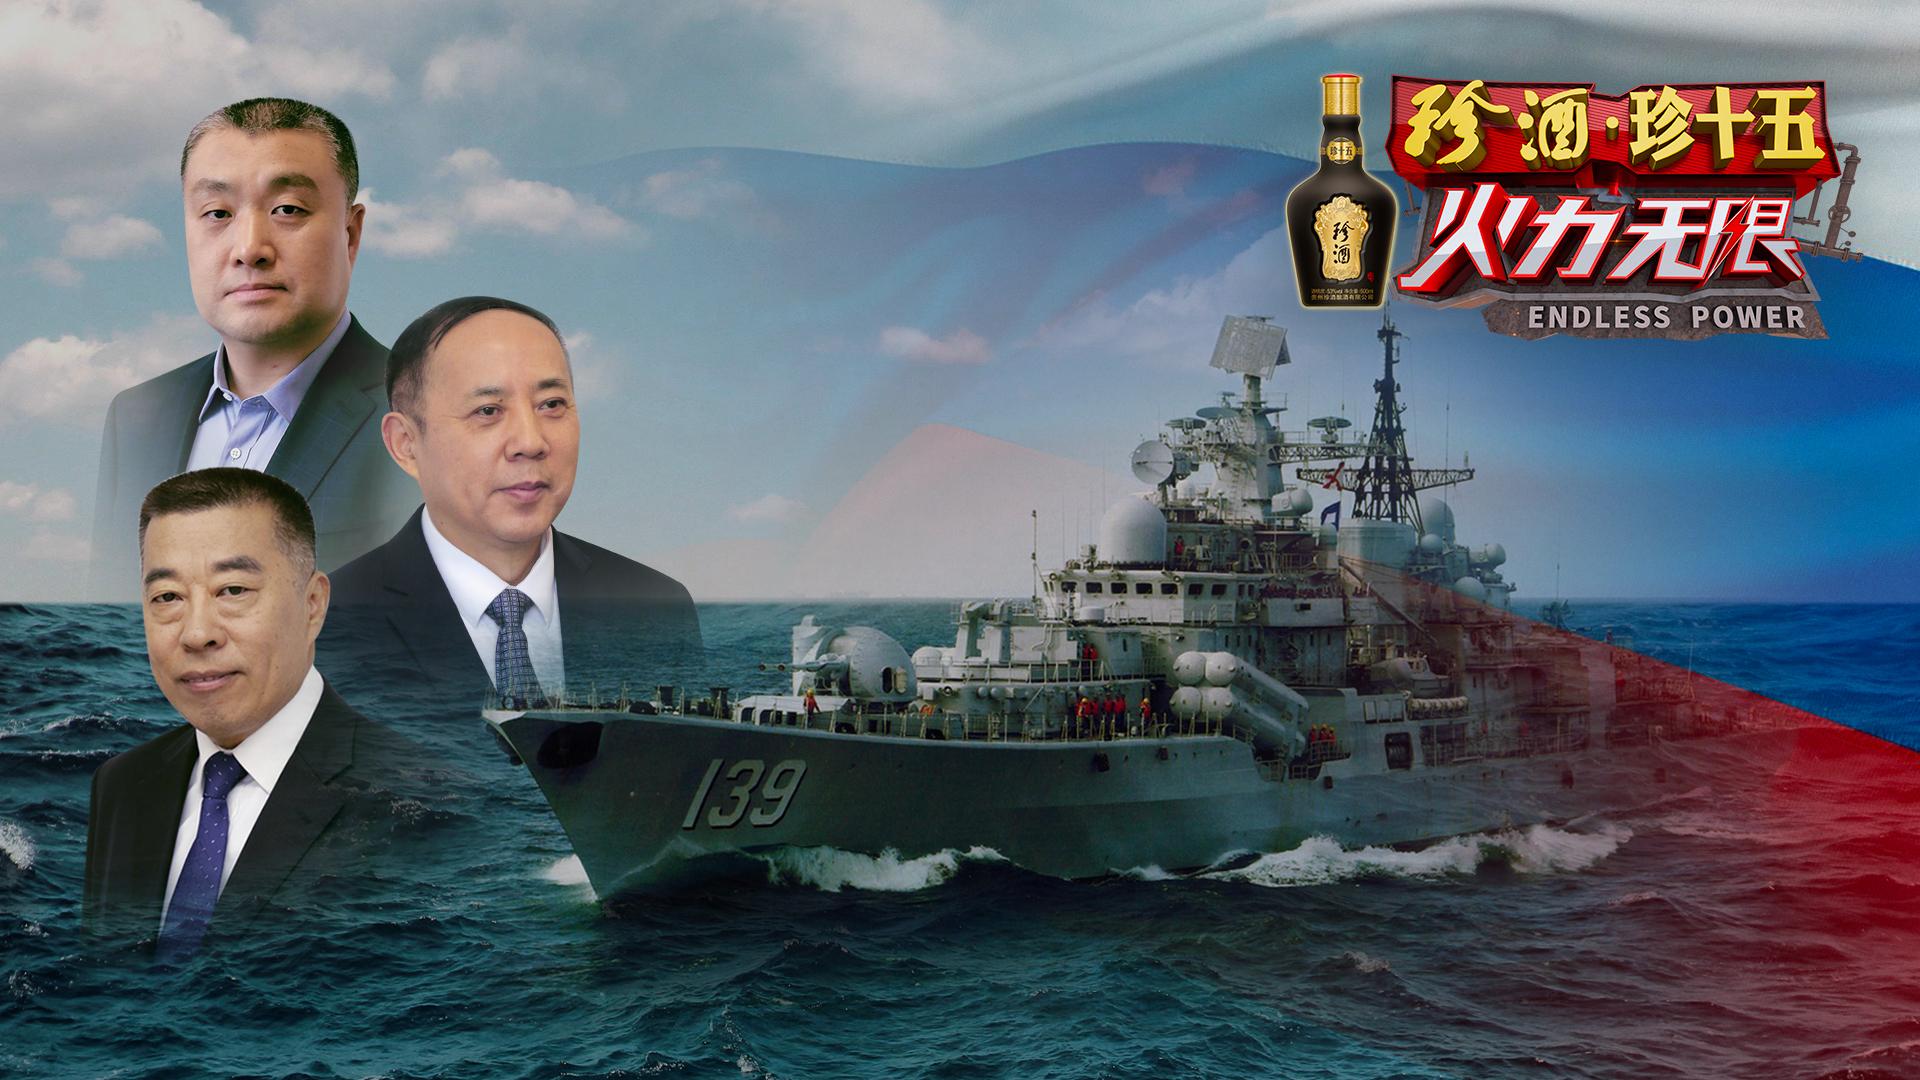 火力无限|中俄军事技术互补性强 双方合作潜力巨大